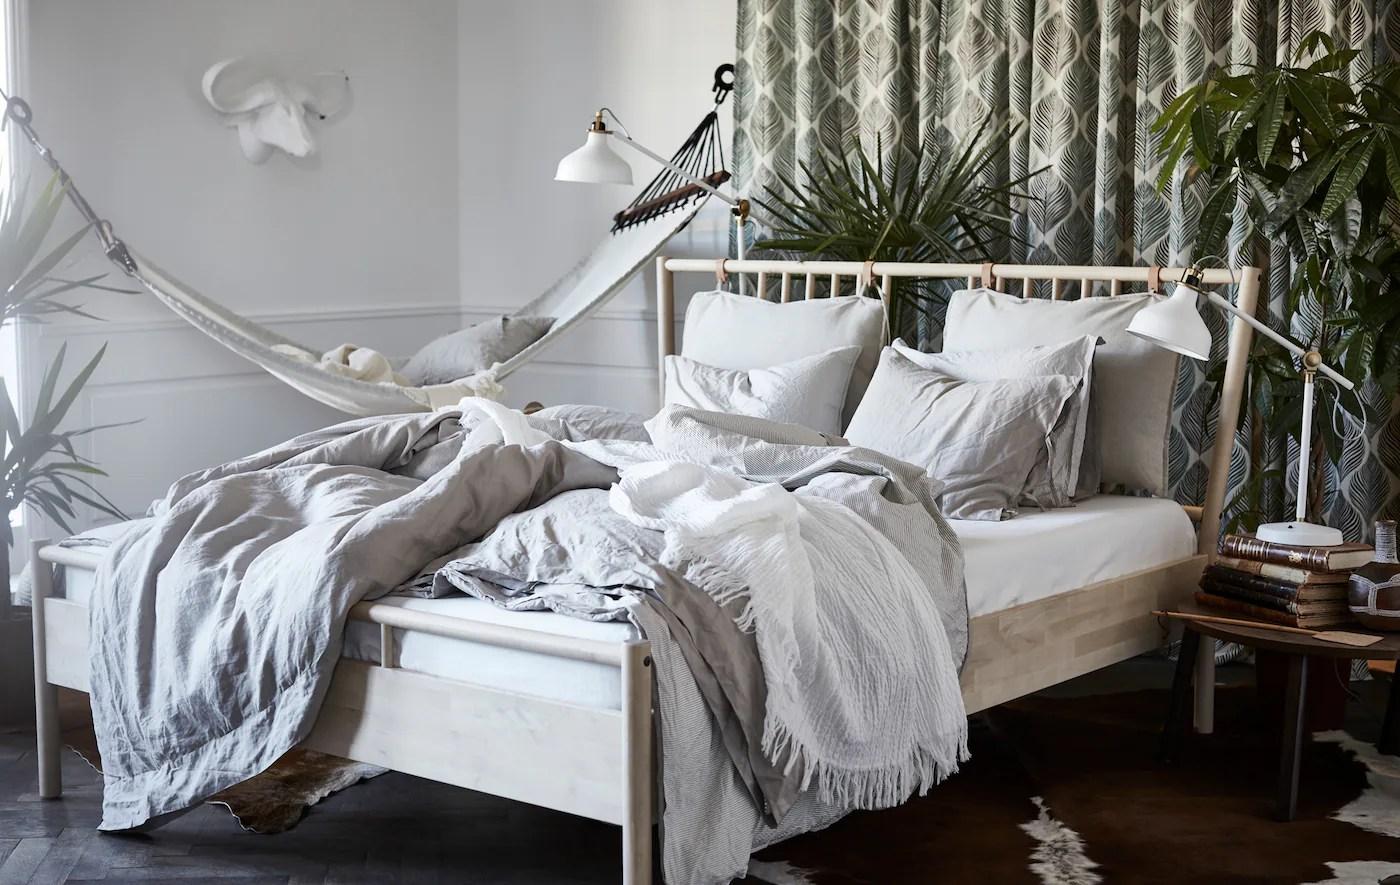 3 Sovevaerelser I Hver Sin Unikke Stil Ikea